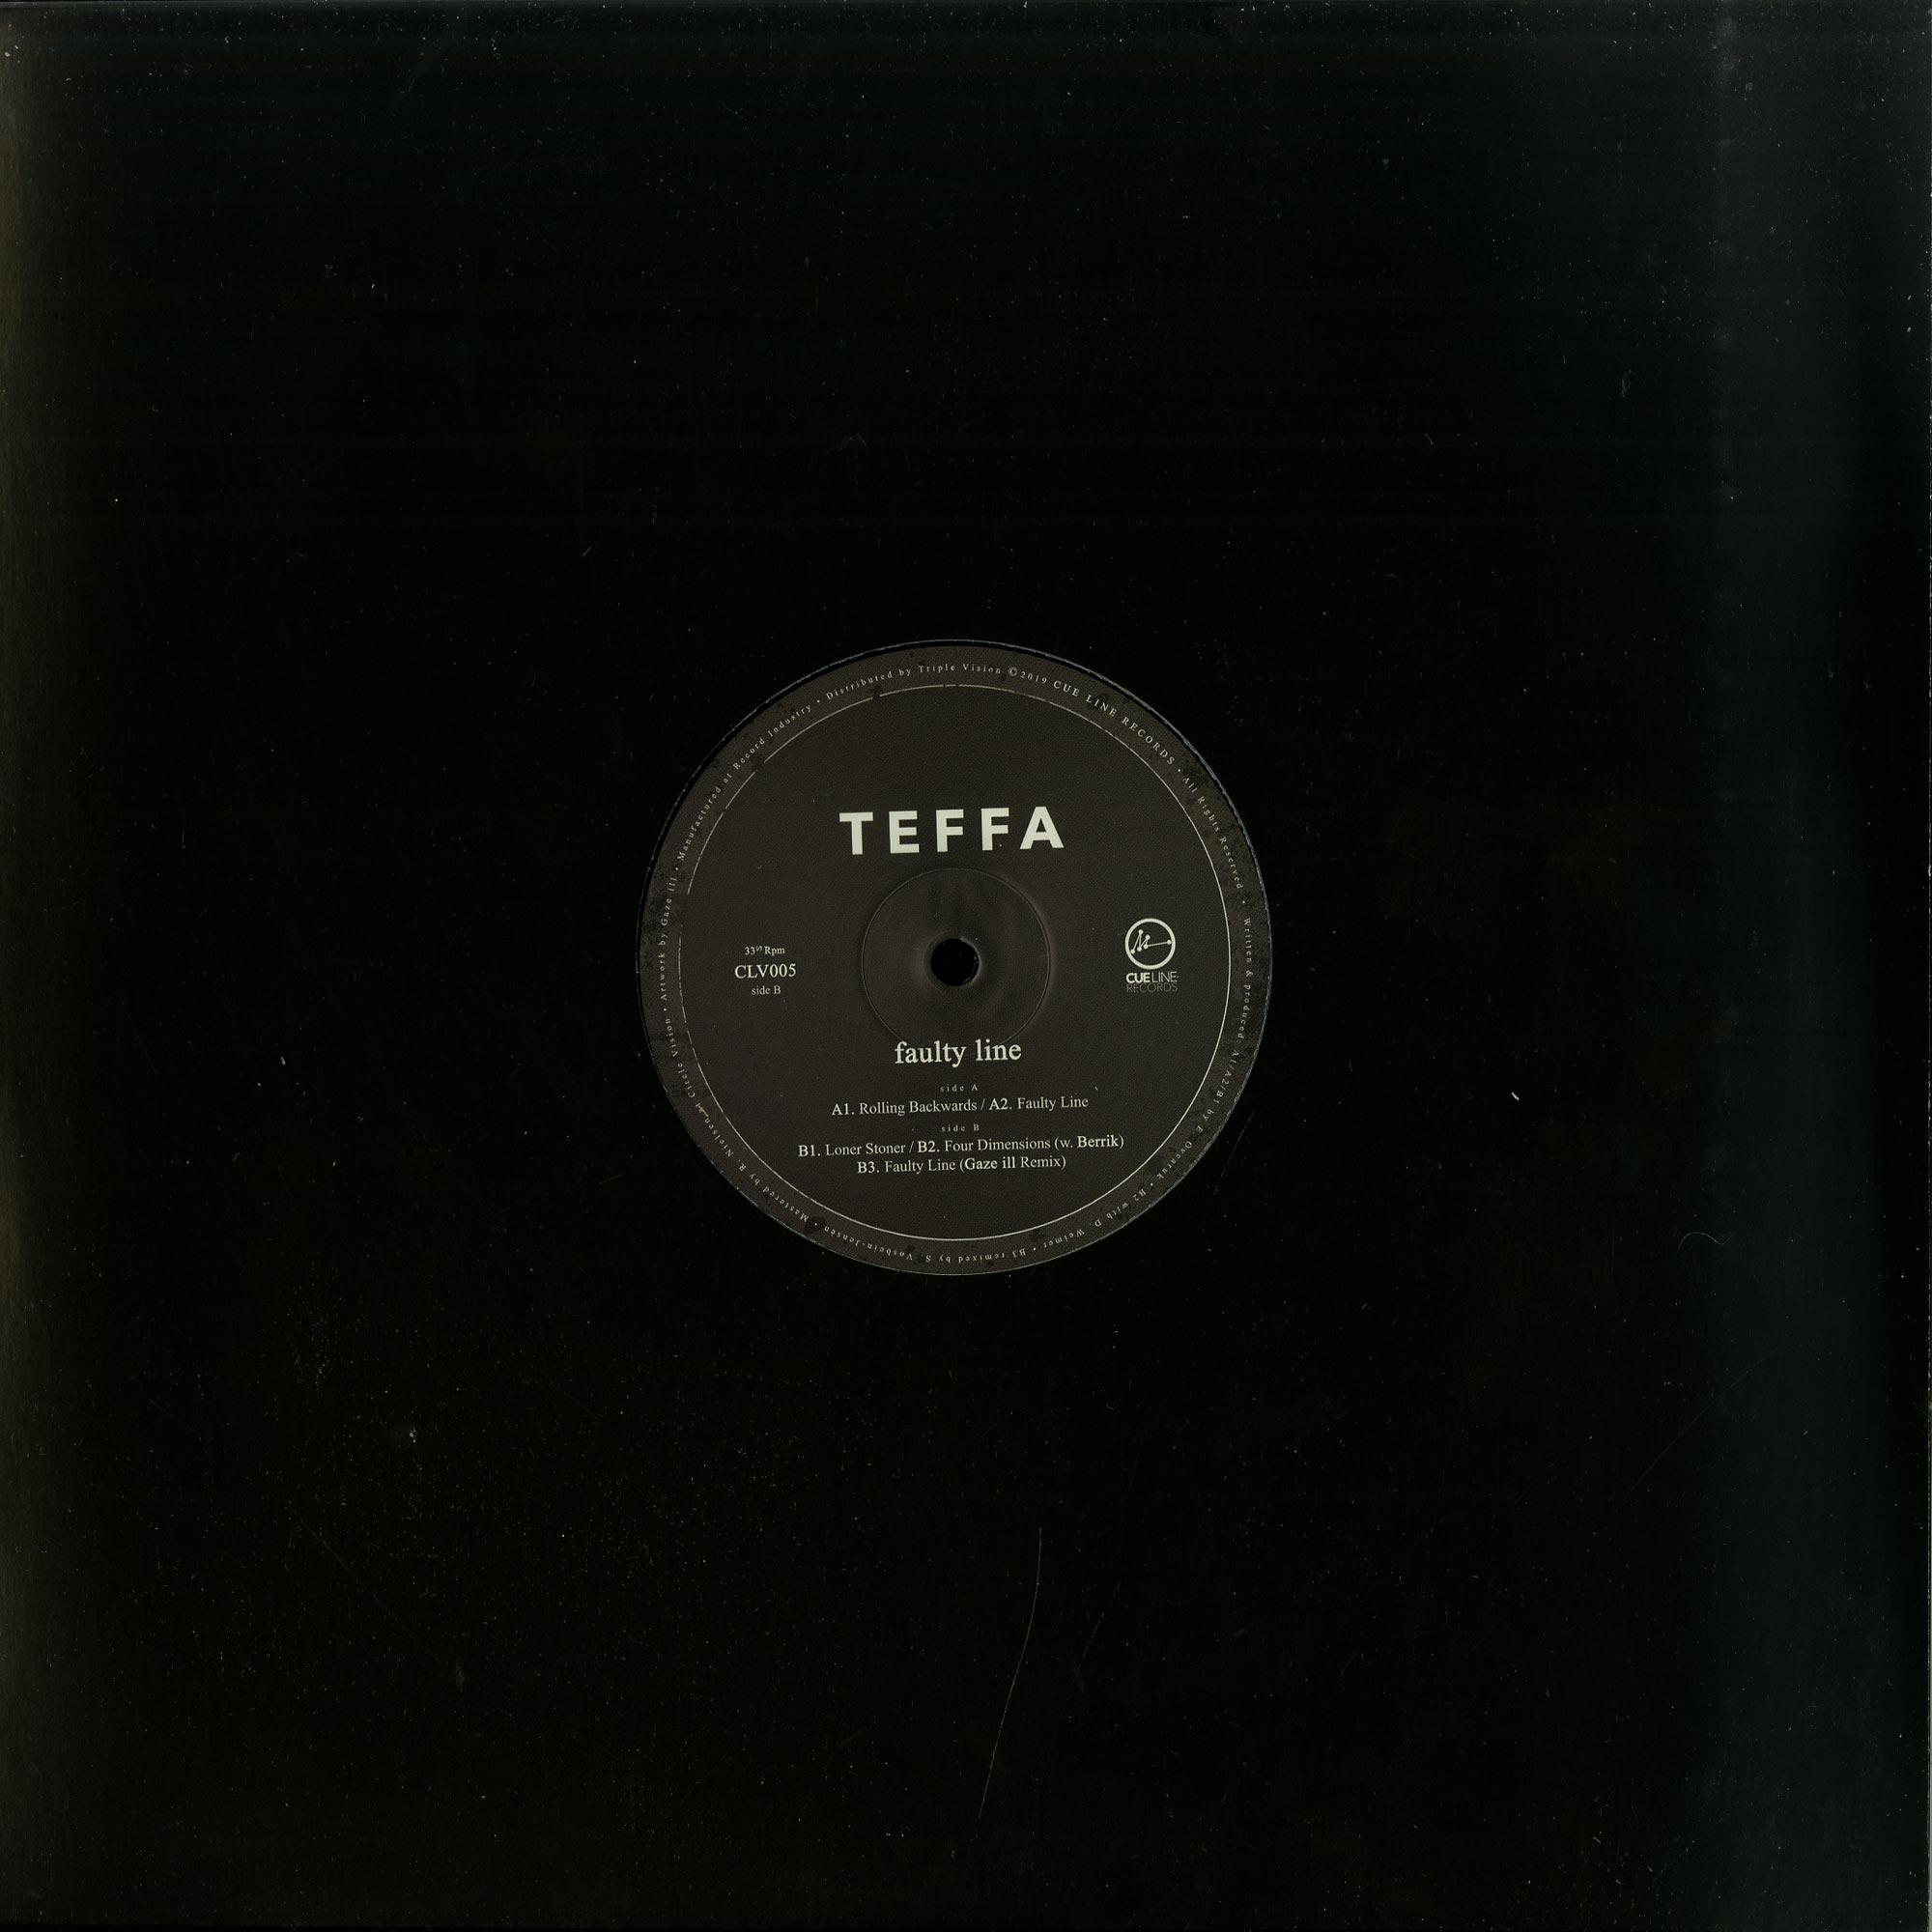 Teffa - FAULTY LINE EP